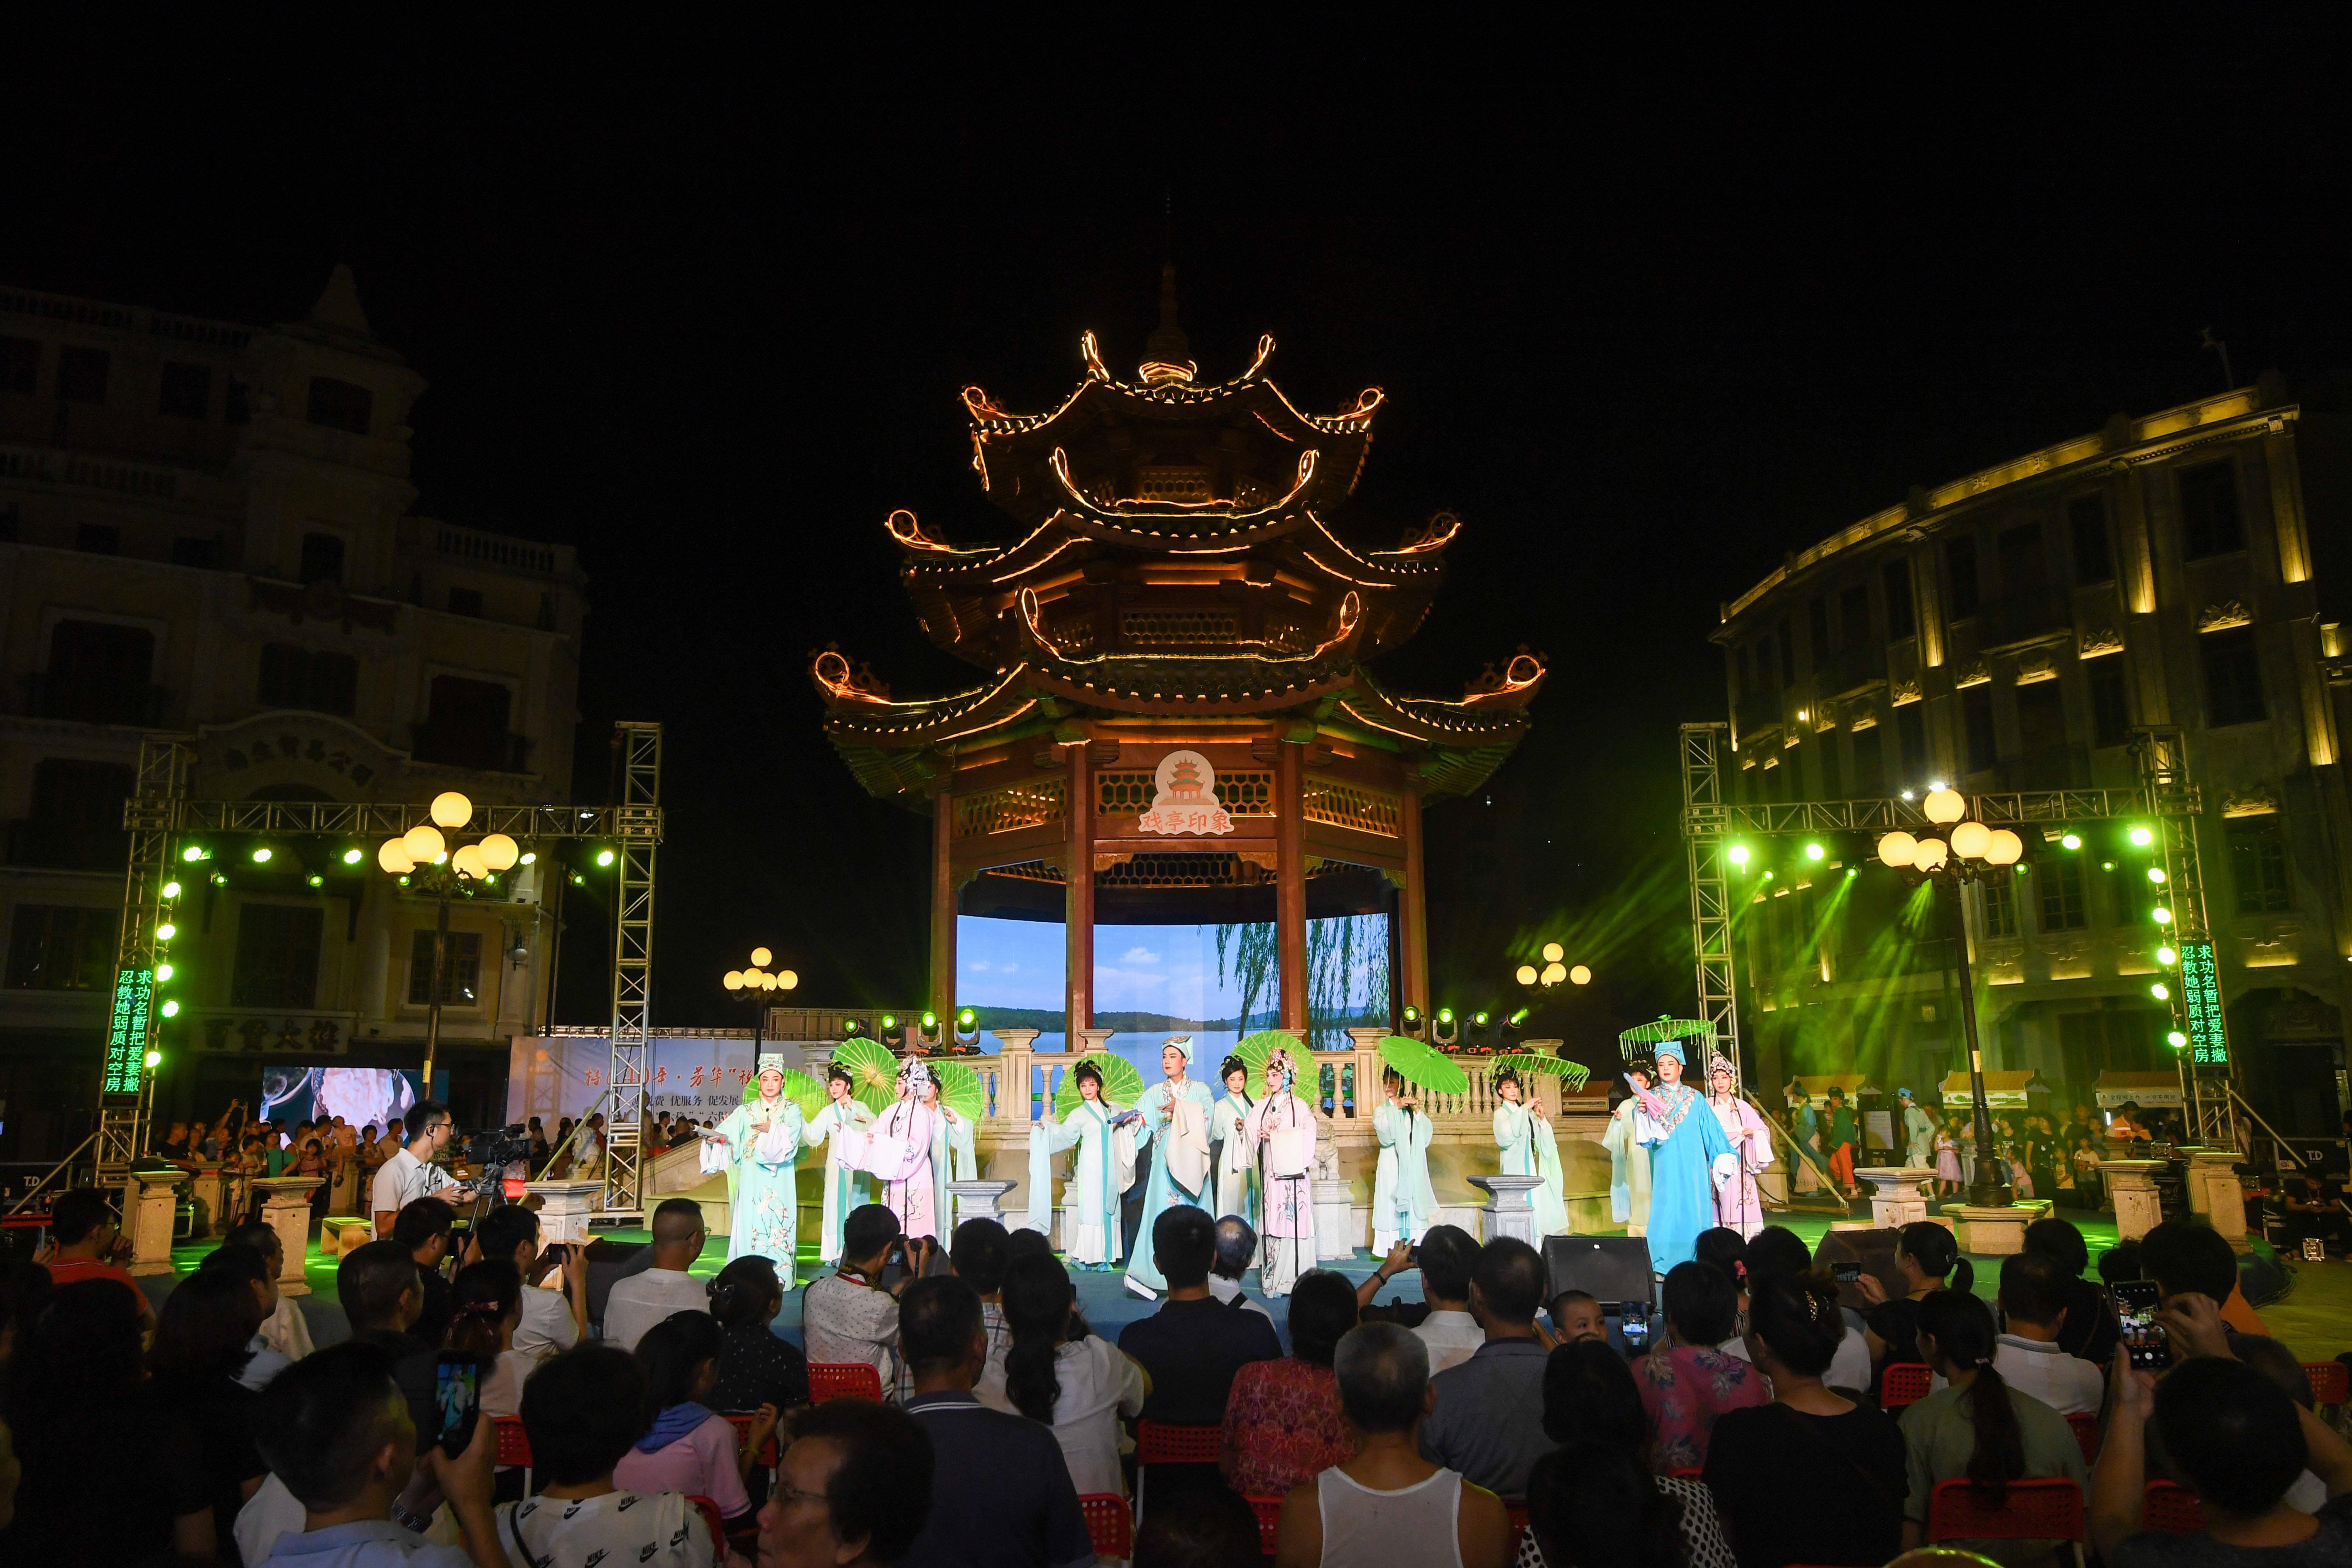 广东汕头:惠民演出丰富市民夜生活